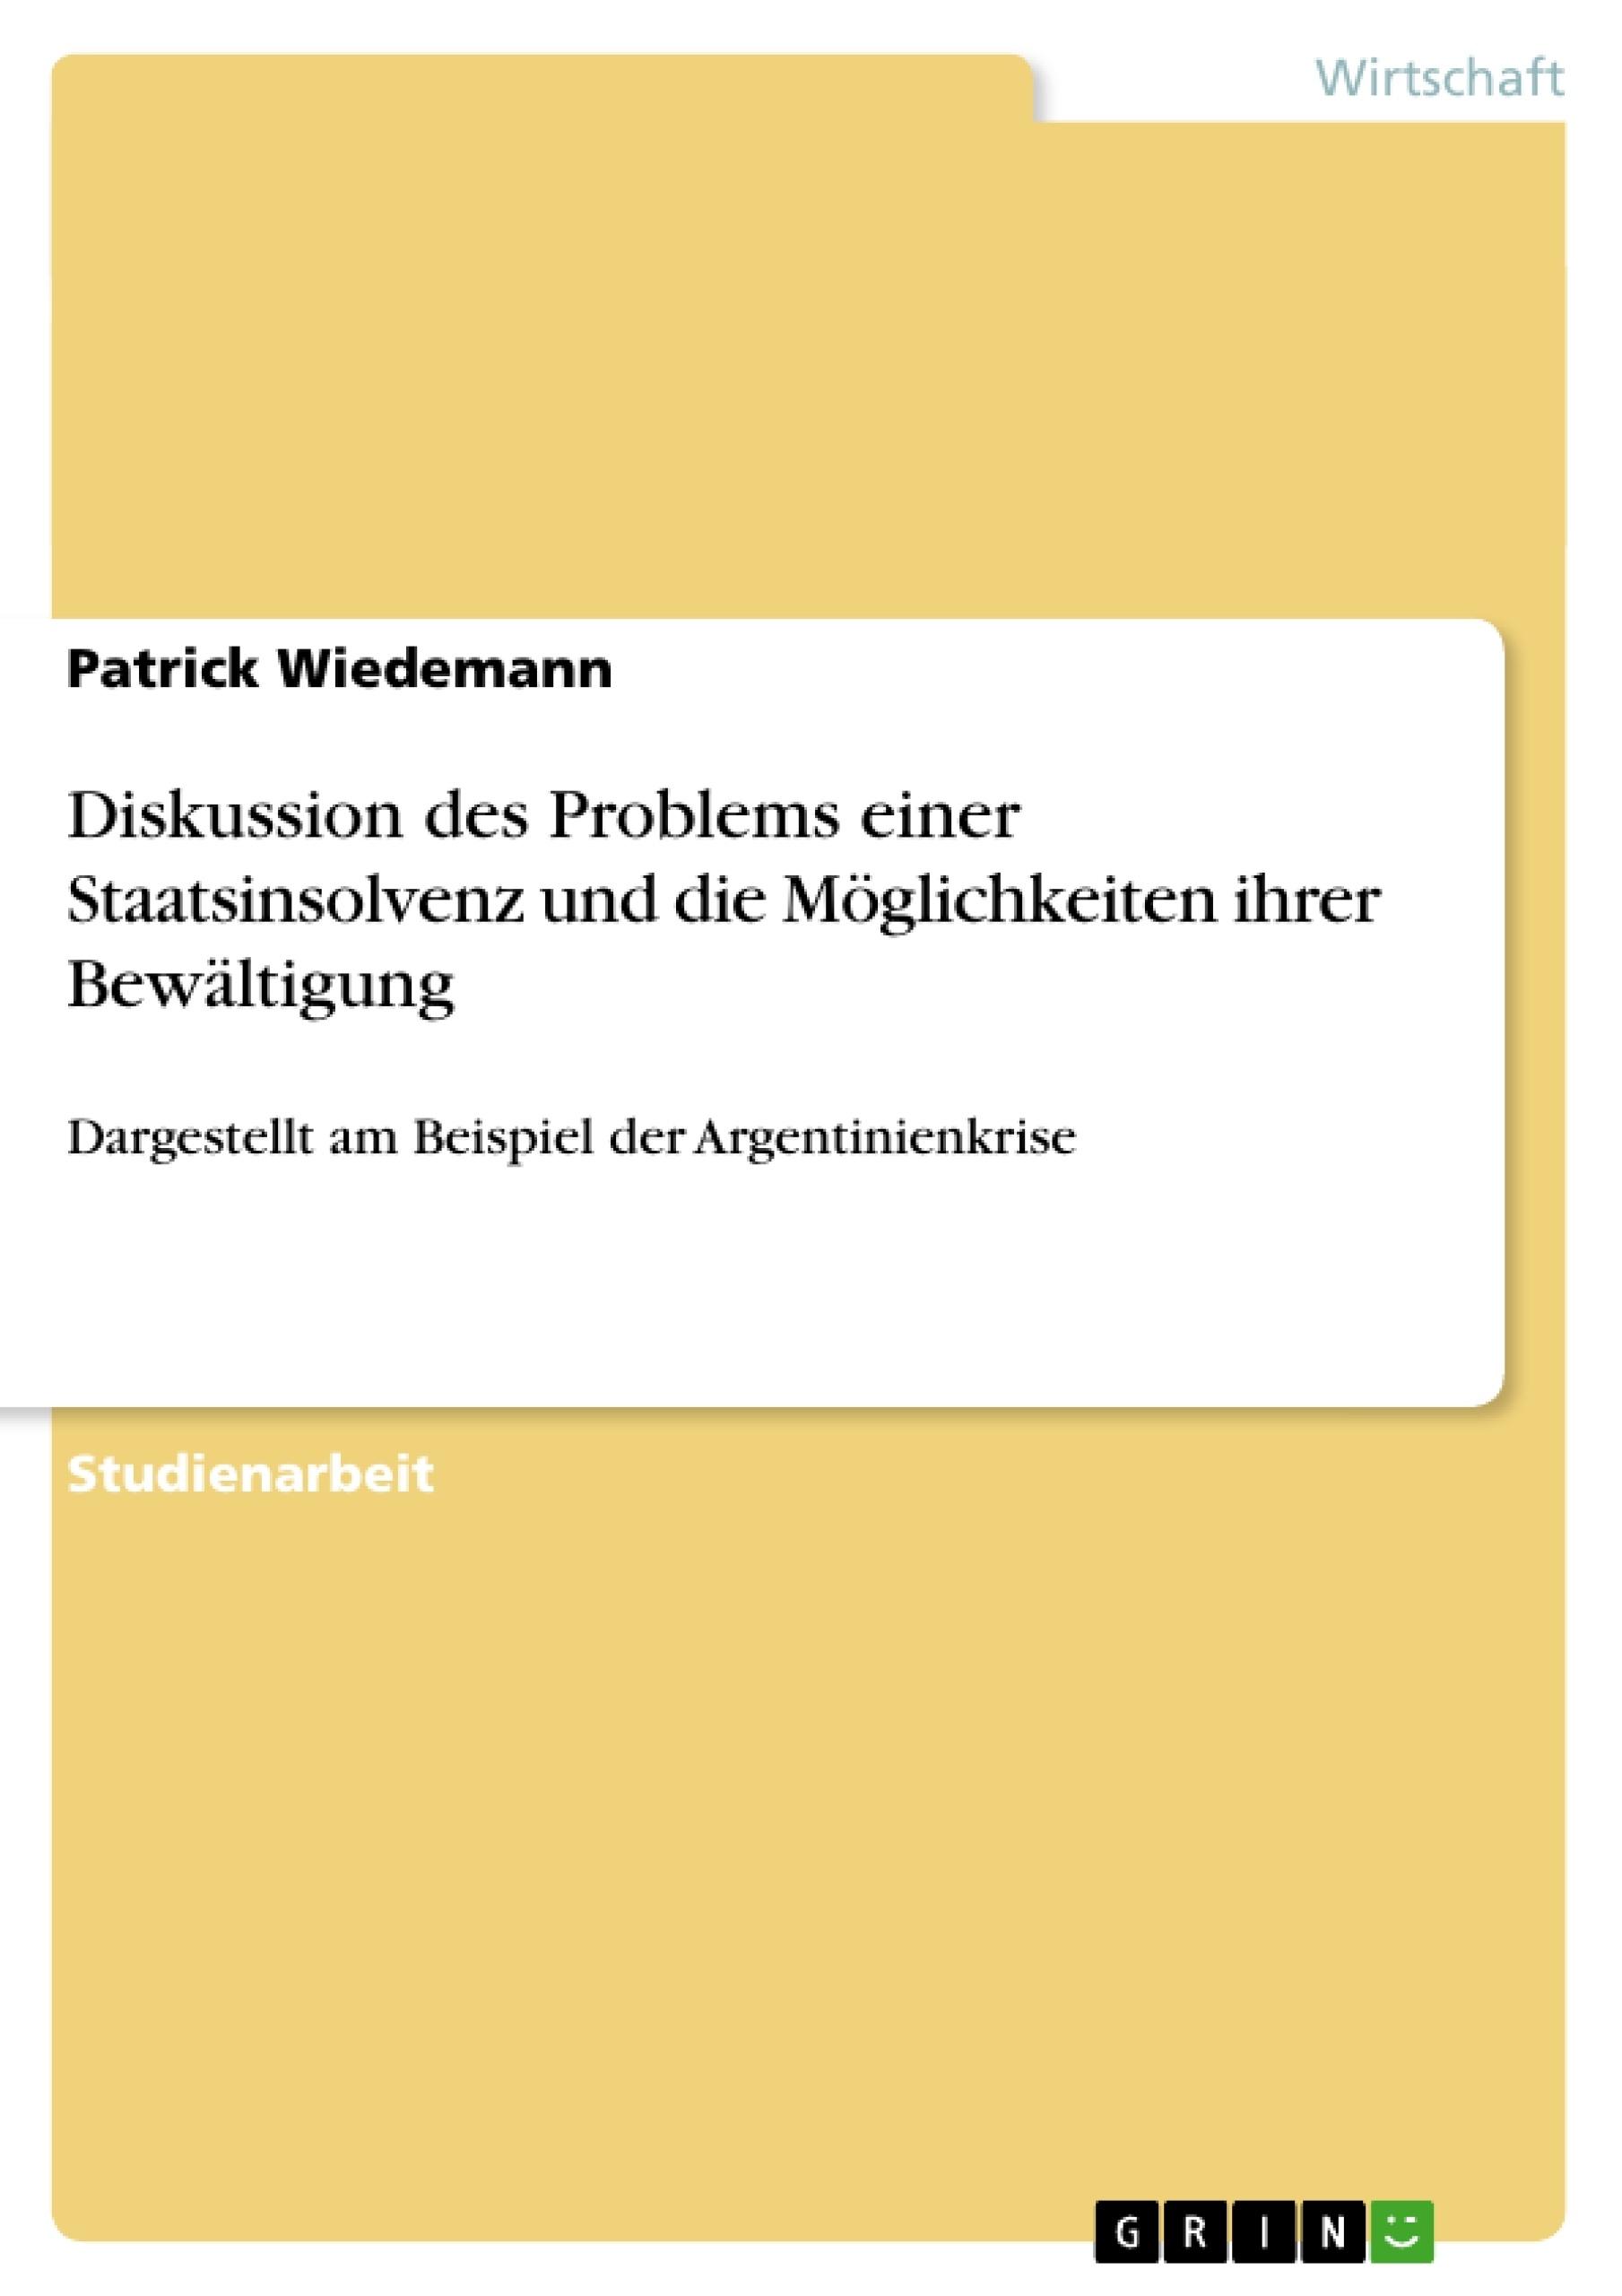 Titel: Diskussion des Problems einer Staatsinsolvenz und die Möglichkeiten ihrer Bewältigung